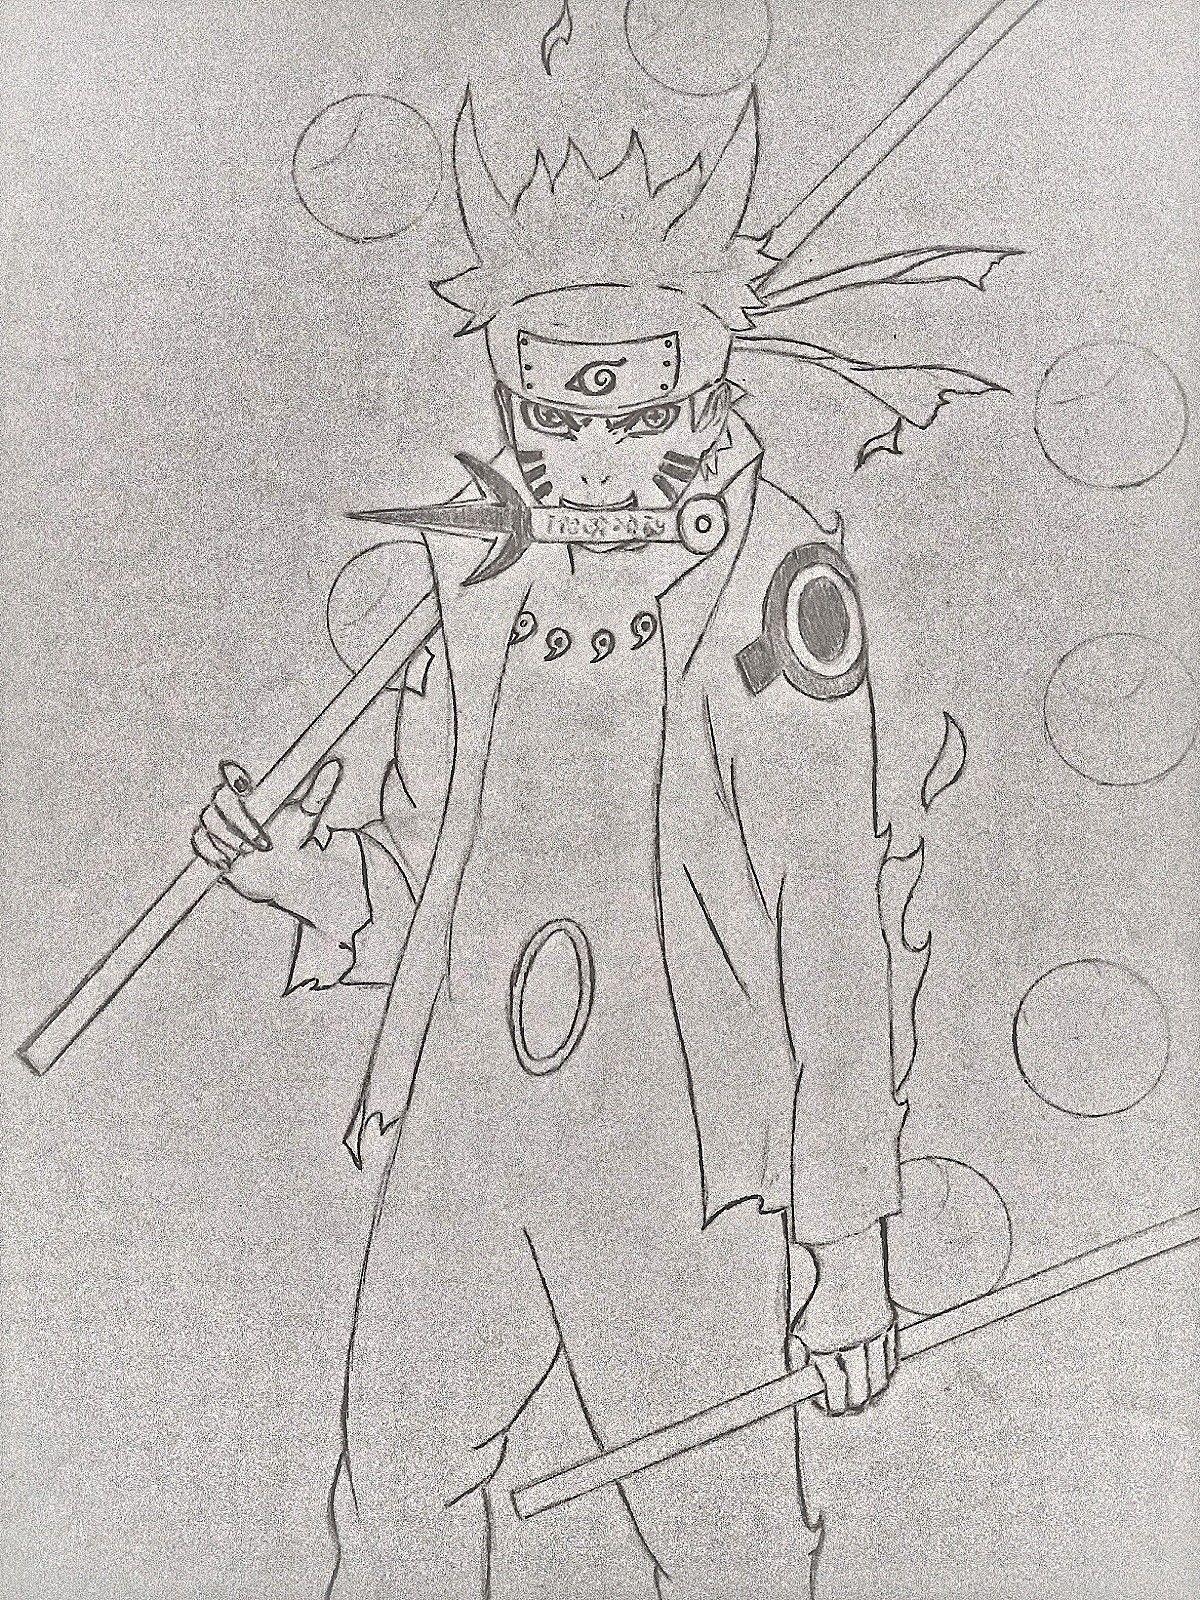 Naruto modo sabio seis caminos | drawings.dibujos | Pinterest ...